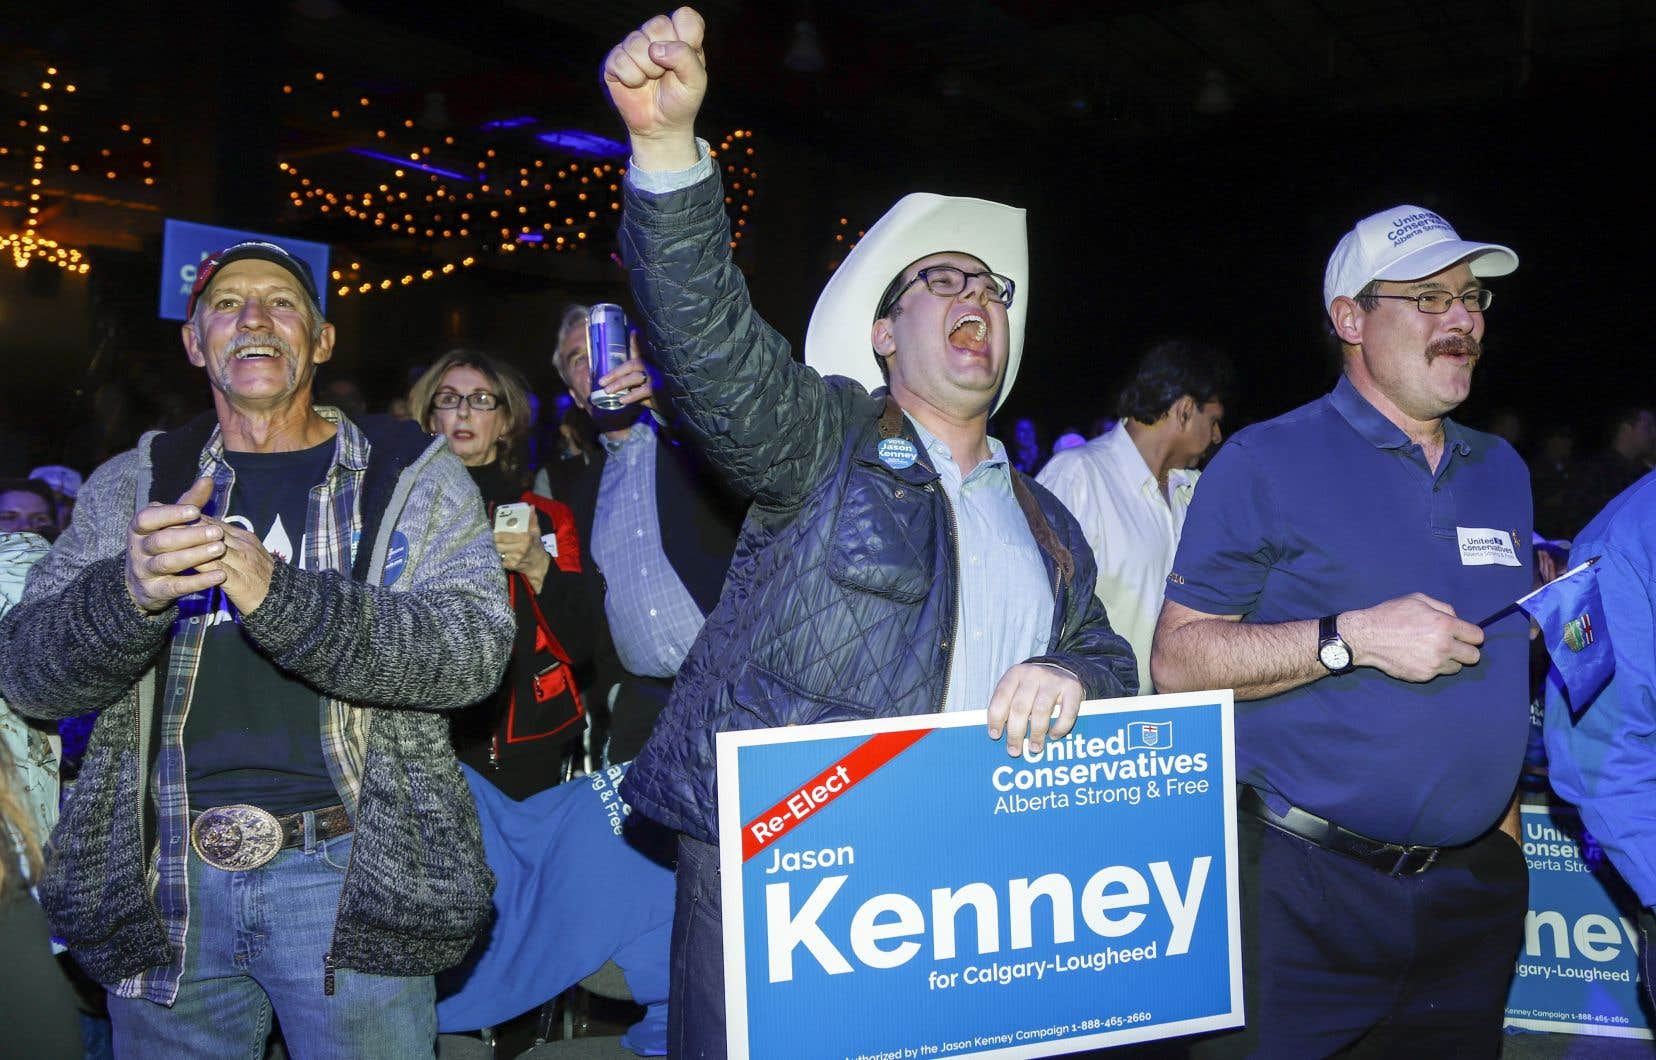 C'était la fête pour les partisans de Jason Kenney qui conserve son siège à Calgary-Lougheed. Il s'agissait des premières élections provinciales générales pour M.Kenney.